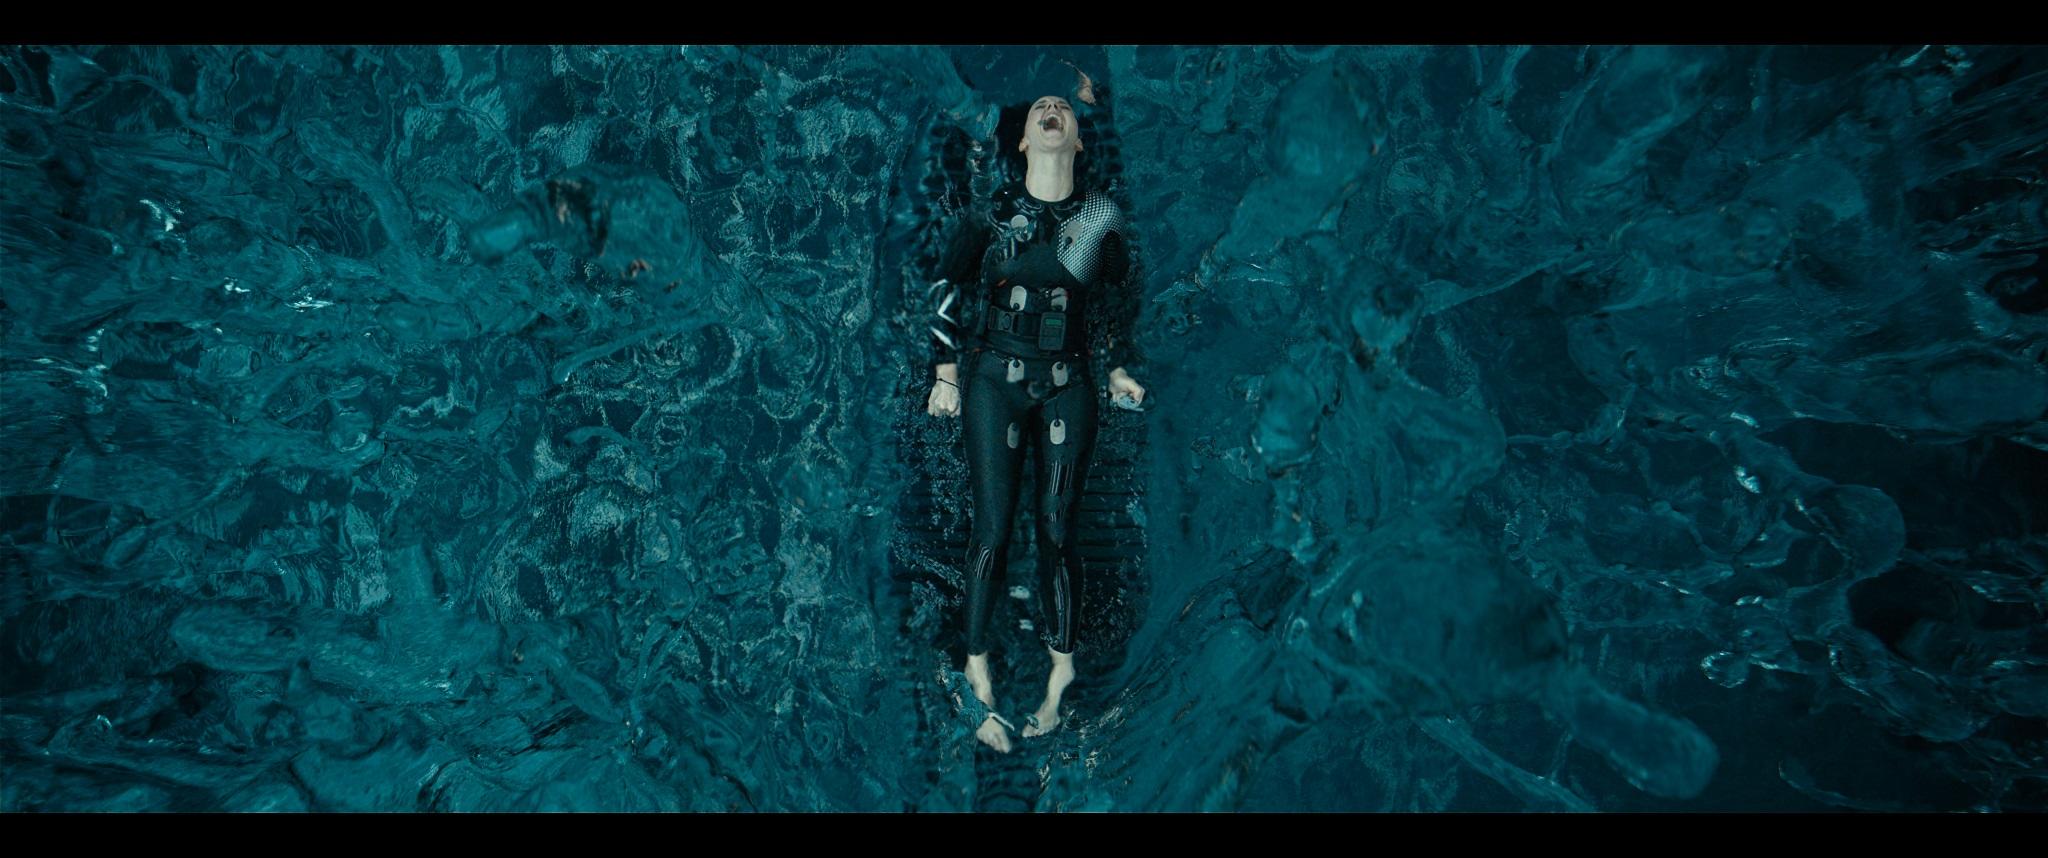 《末日異戰》外星異種全面壓境,世界危在旦夕,人類誓死反擊